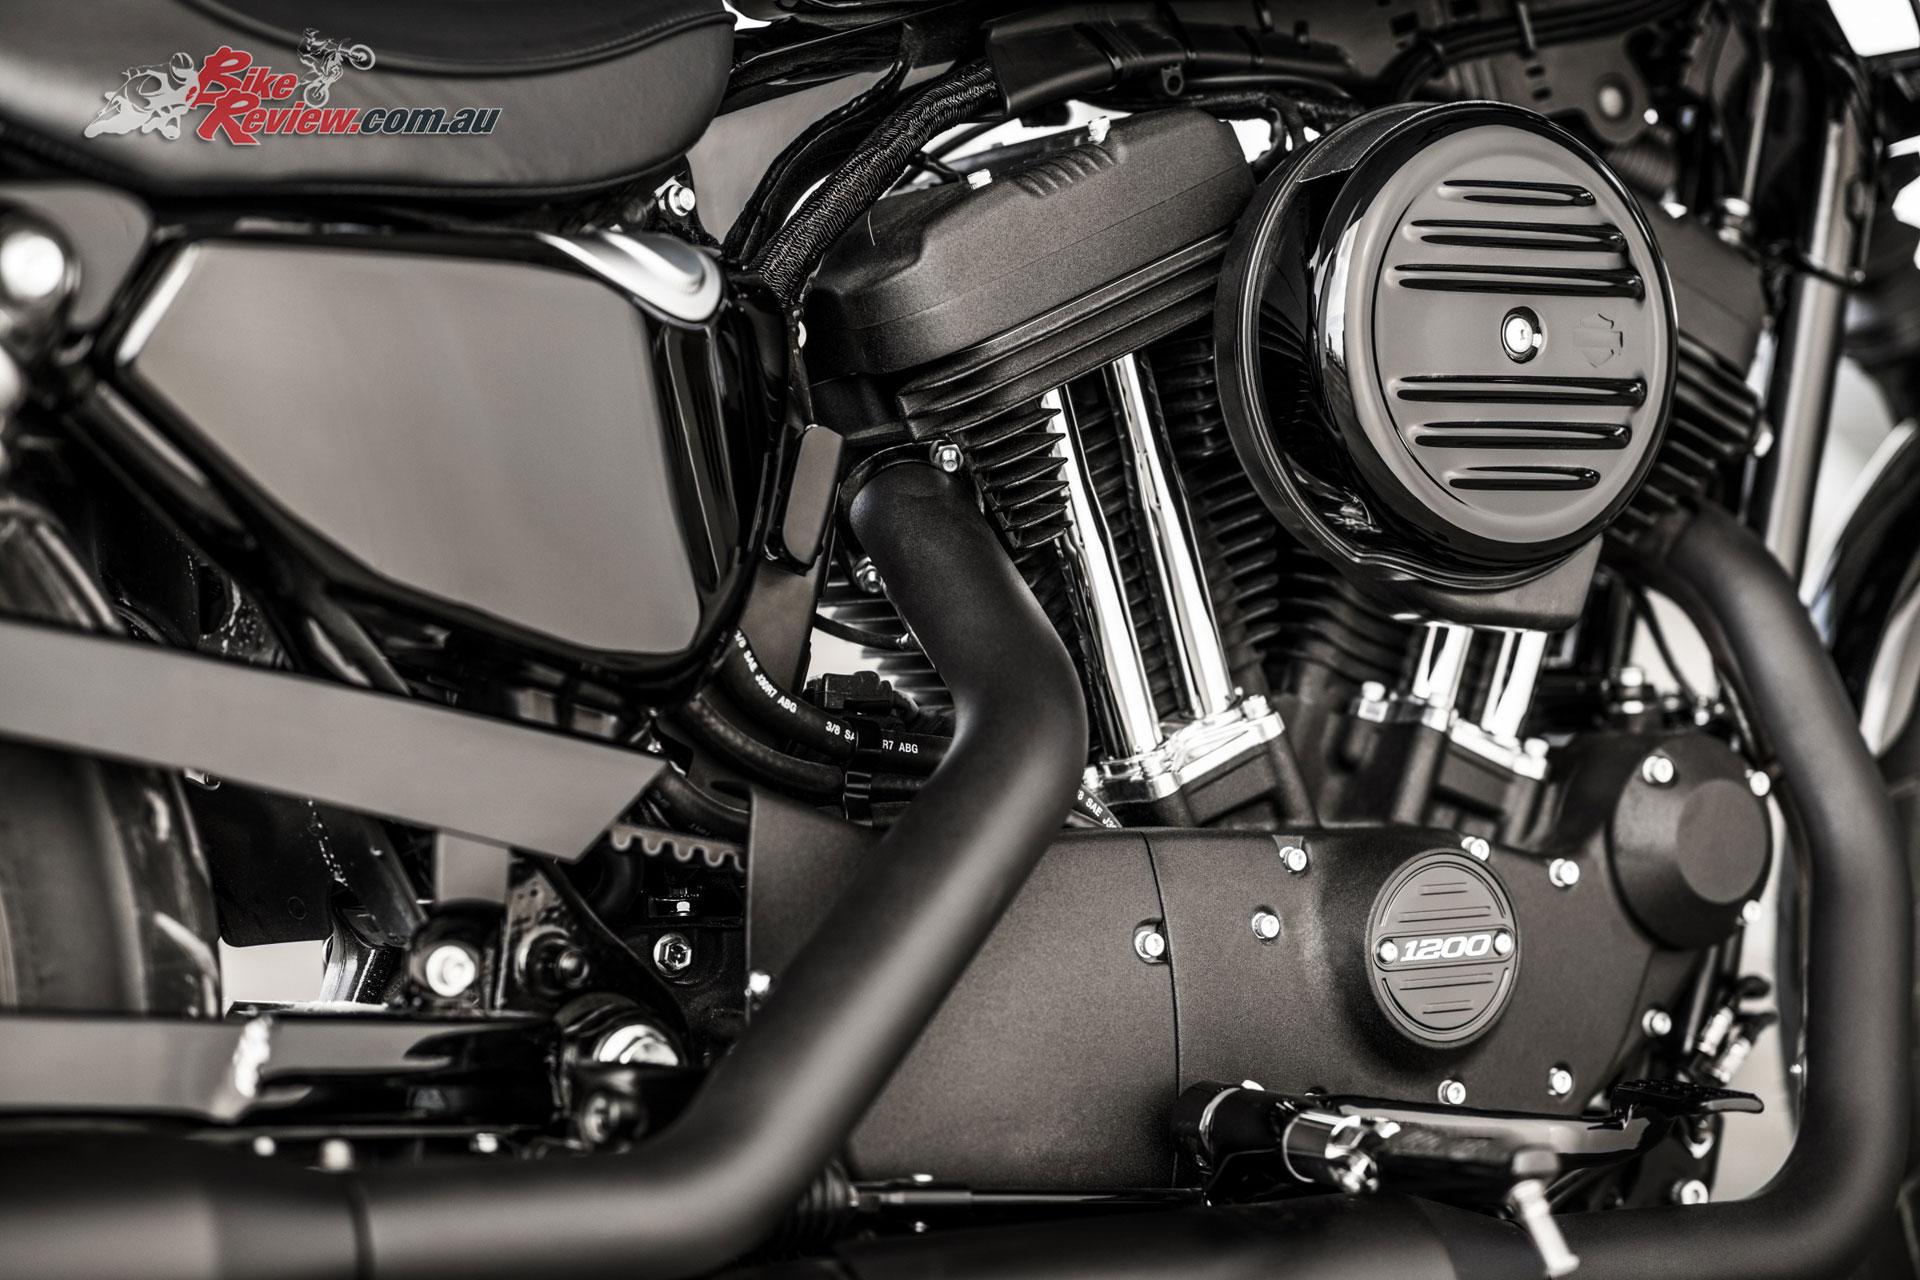 new model 2018 harley davidson iron 1200 bike review. Black Bedroom Furniture Sets. Home Design Ideas